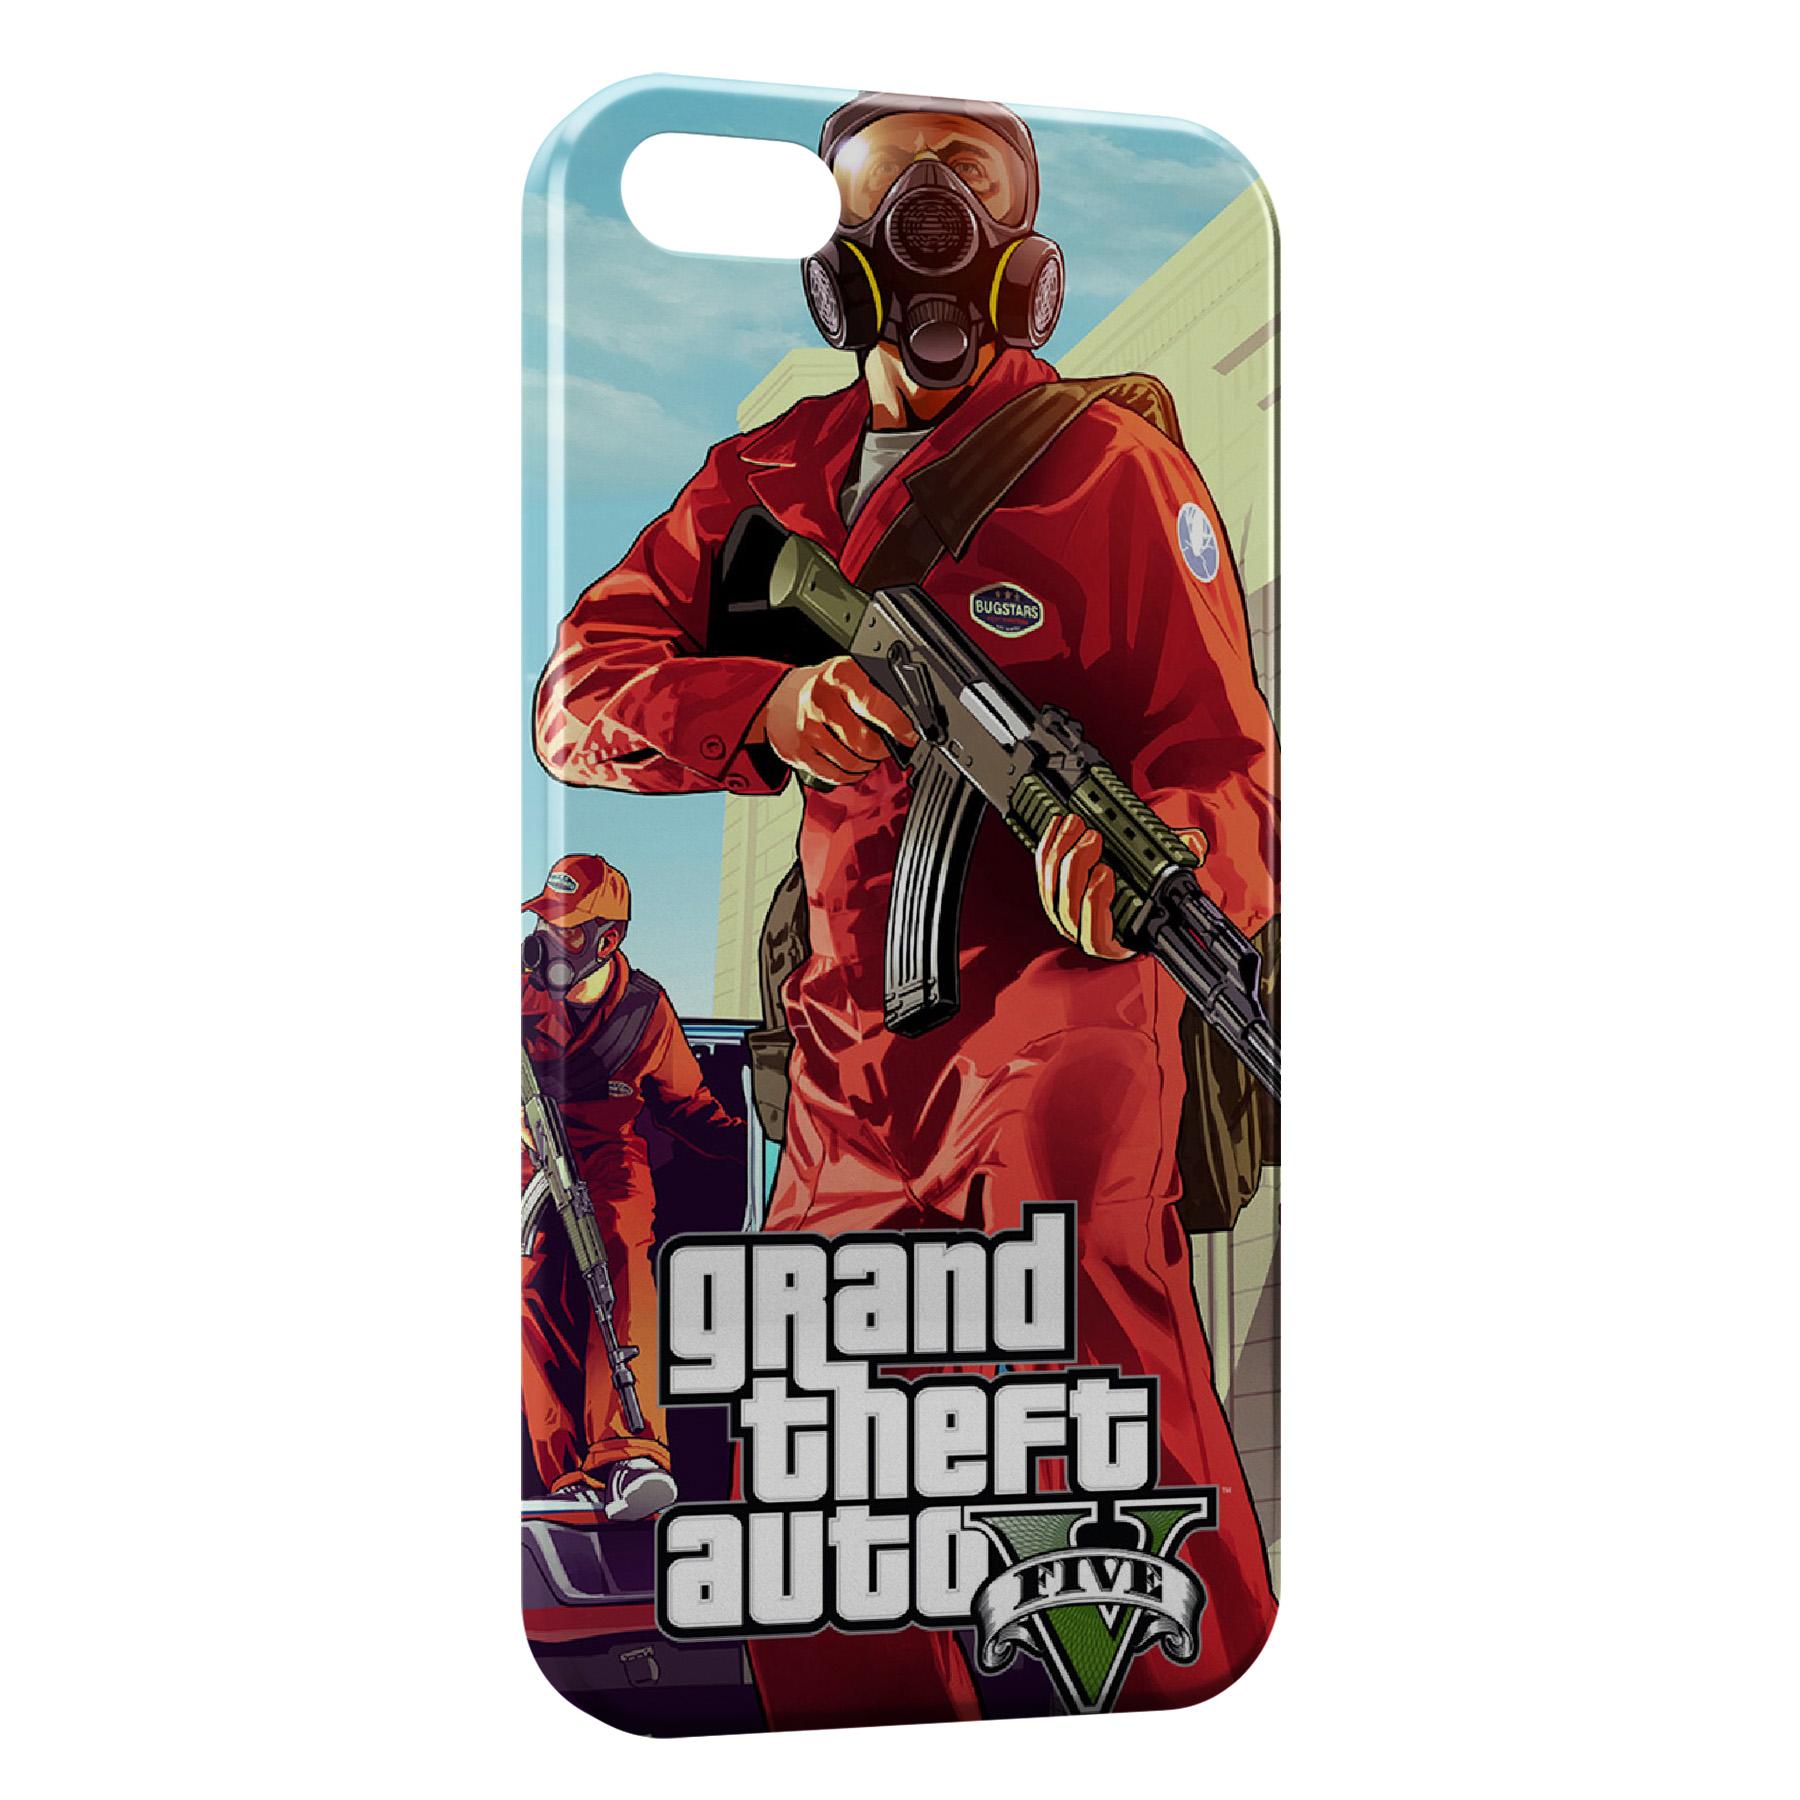 coque iphone 4 gta 5